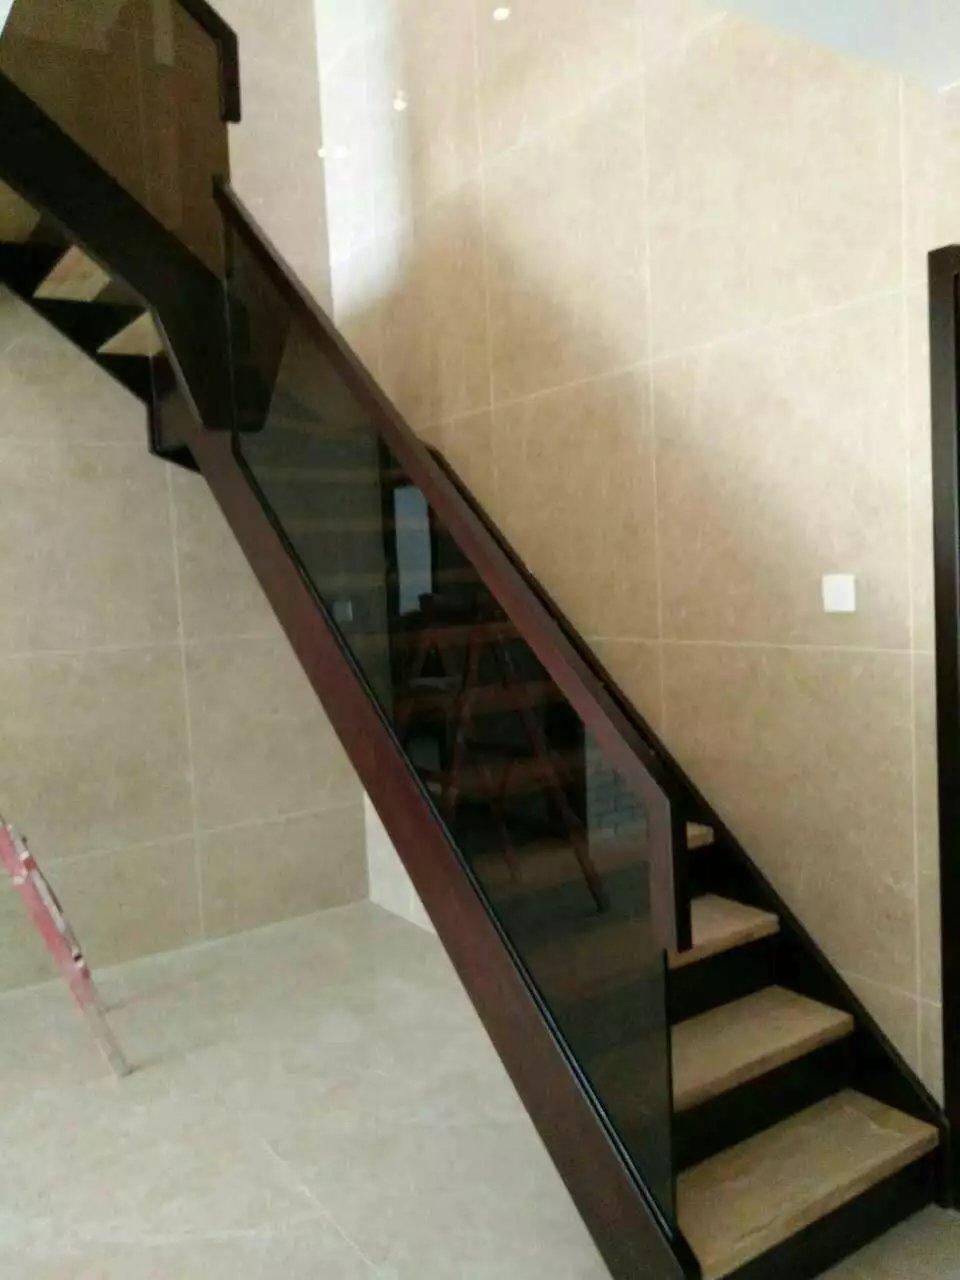 产品分类:钢木楼梯,小复式楼梯、Loft楼梯、阁楼楼梯,简约楼梯 产品参数:钢木结构,榉木踏板、金属栏杆,黑色、银白 风格 :简约风格 适用场所:复式,跃层,Loft 材质 :碳钢龙骨,踏板可选榉木、橡木等 特点 :小巧、节省空间 说明 :意大利Rintal组装式楼梯。别具一格的左右左L型踏步板,力求对空间进行最有效的利用,在最小的地方实现最大的功能,并确保人体行动自如,让人不得不因为意大利如此细腻、深入的设计理念和别具匠心的设计风格而叹为观止。